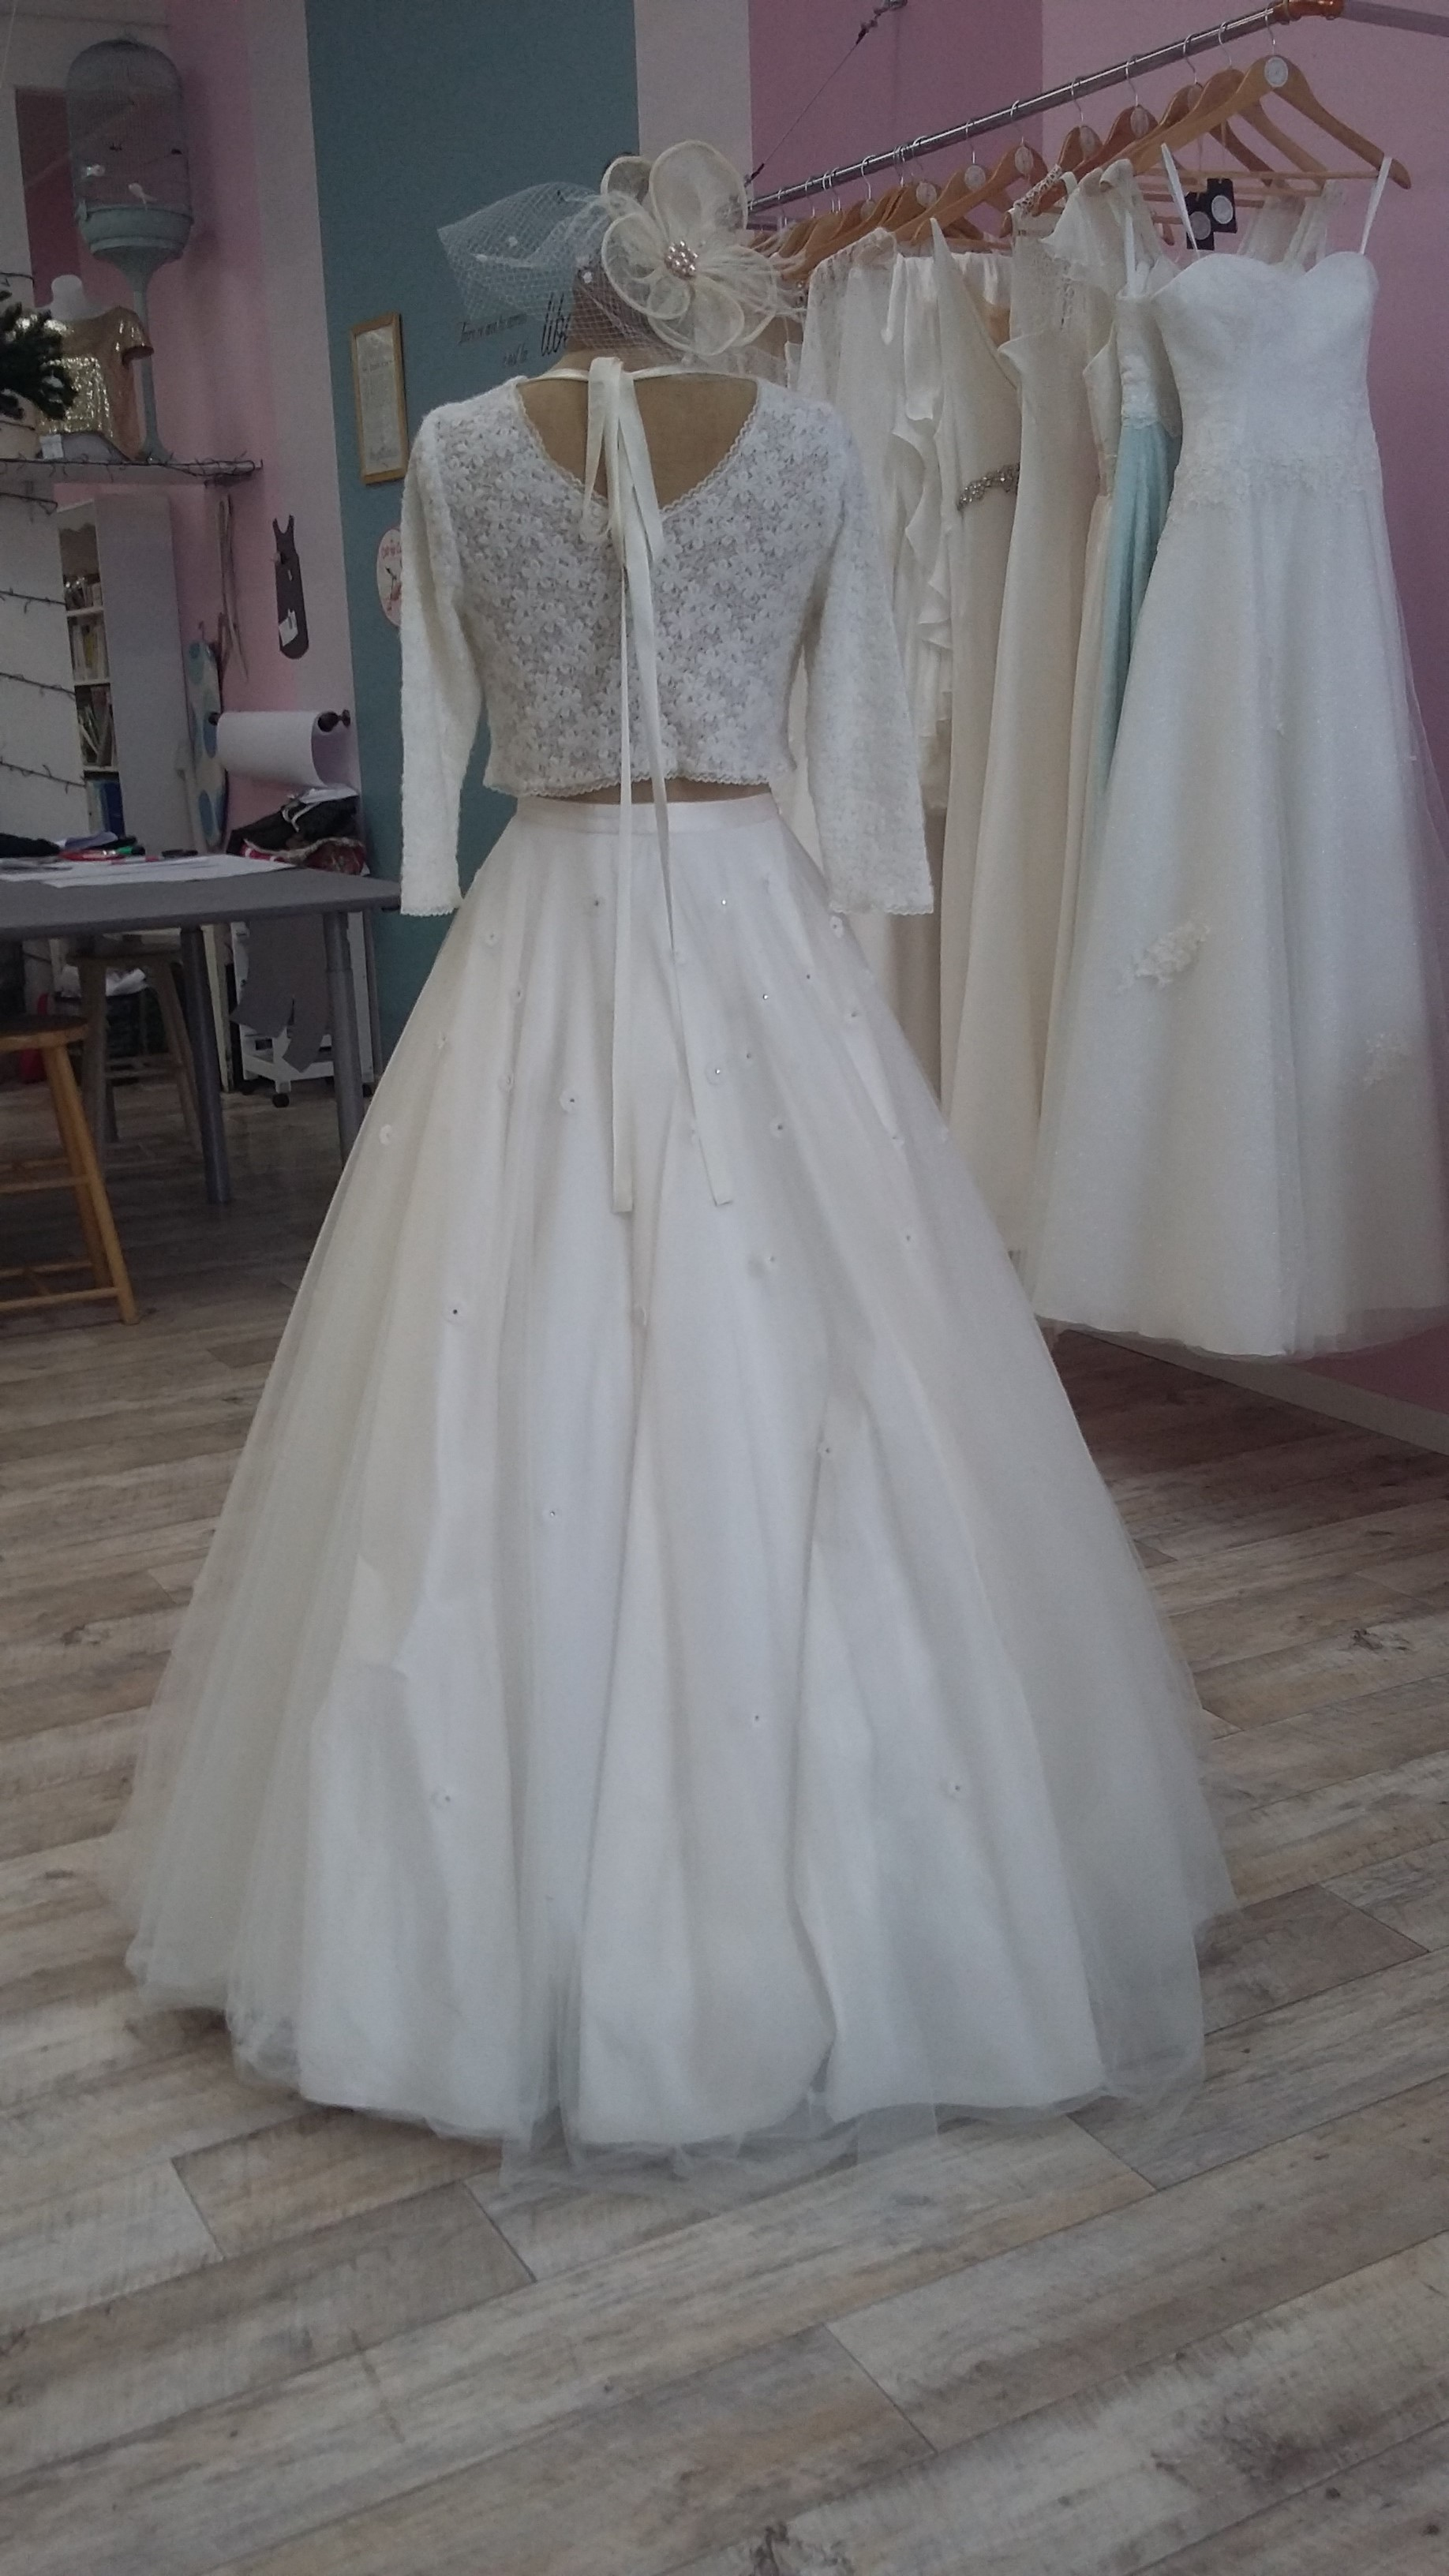 Robe de mariée à domicile -ELSA - Robe de mariée avec pull et jupe en tulle - Cholet - Boutique de mariage 49 - vente à domicile 49, location robe de mariée 49, robe de mariée pas cher, Créatrice 49